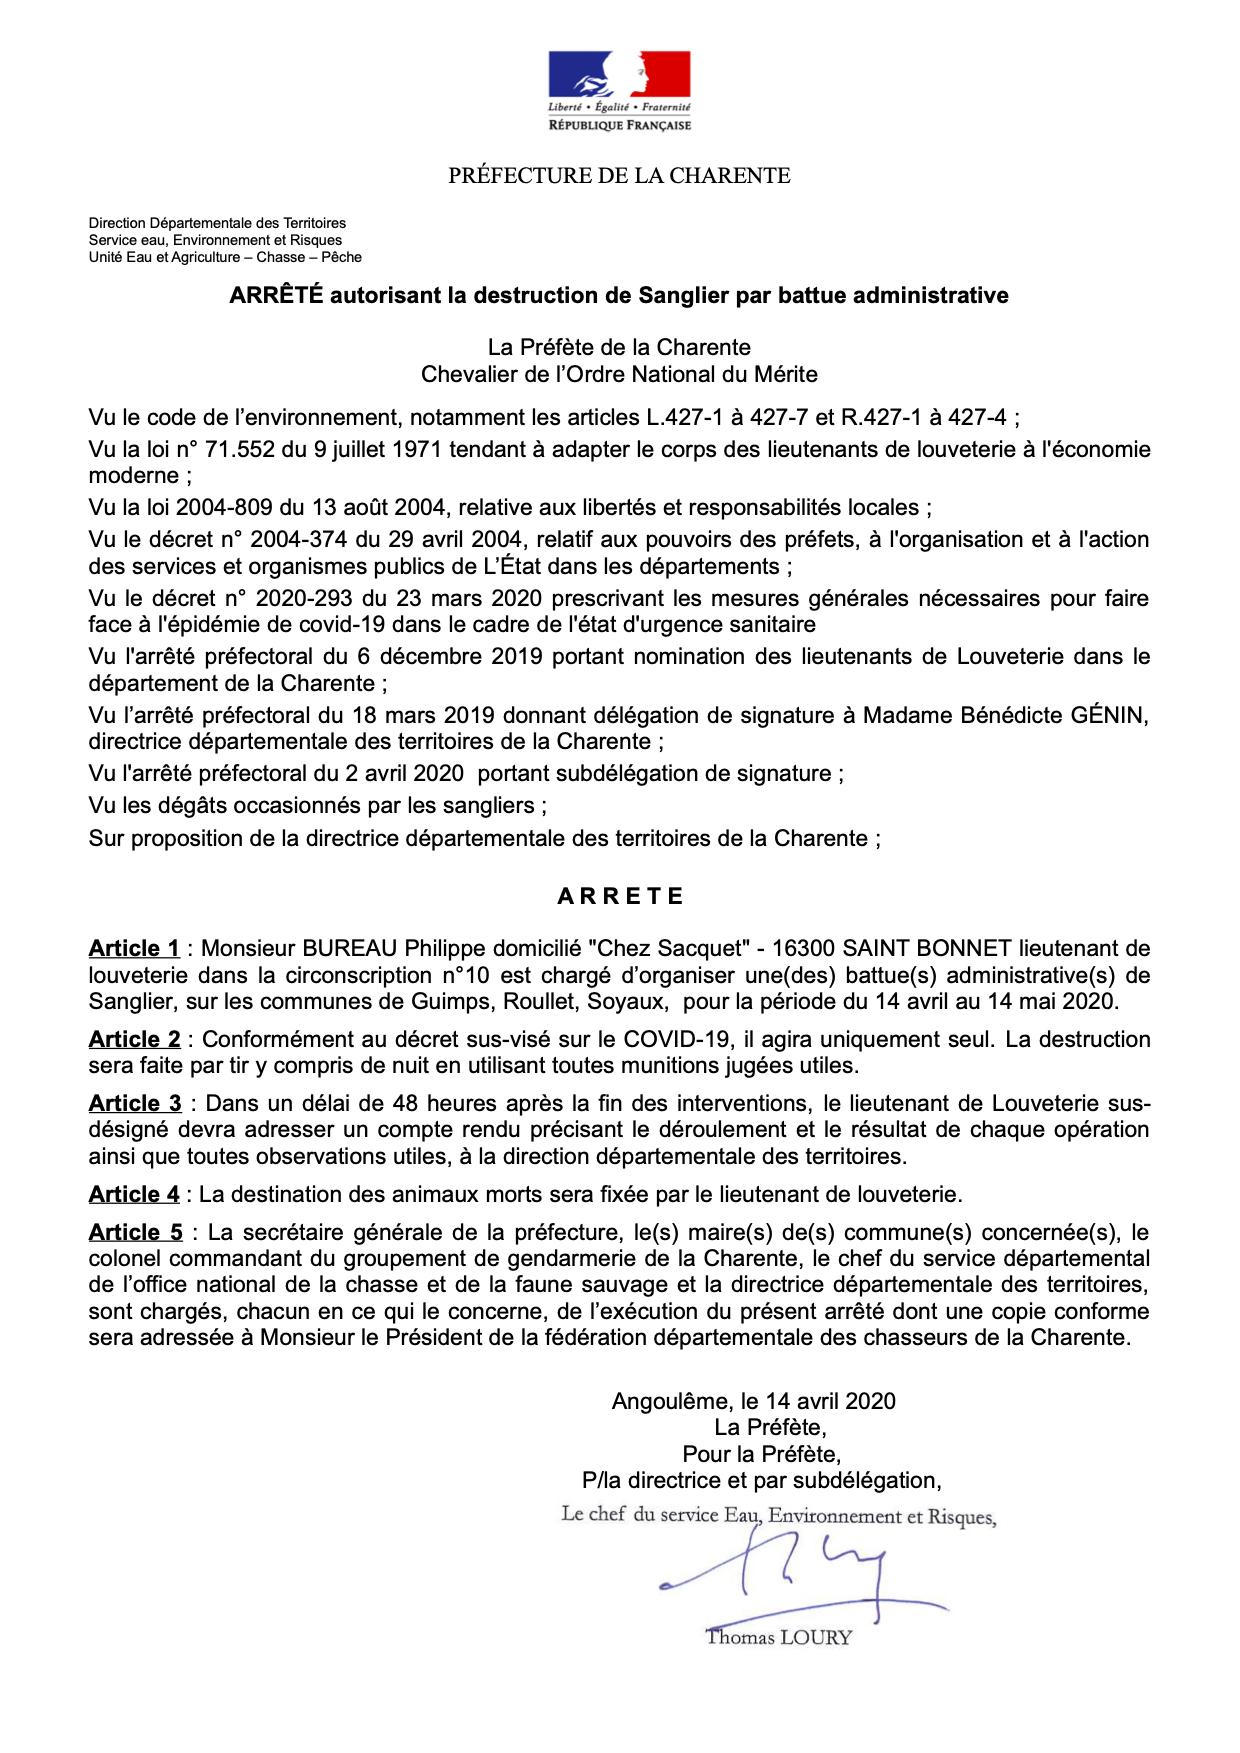 Arrêté préfectoral autorisant la destruction de sangliers par battue administrative